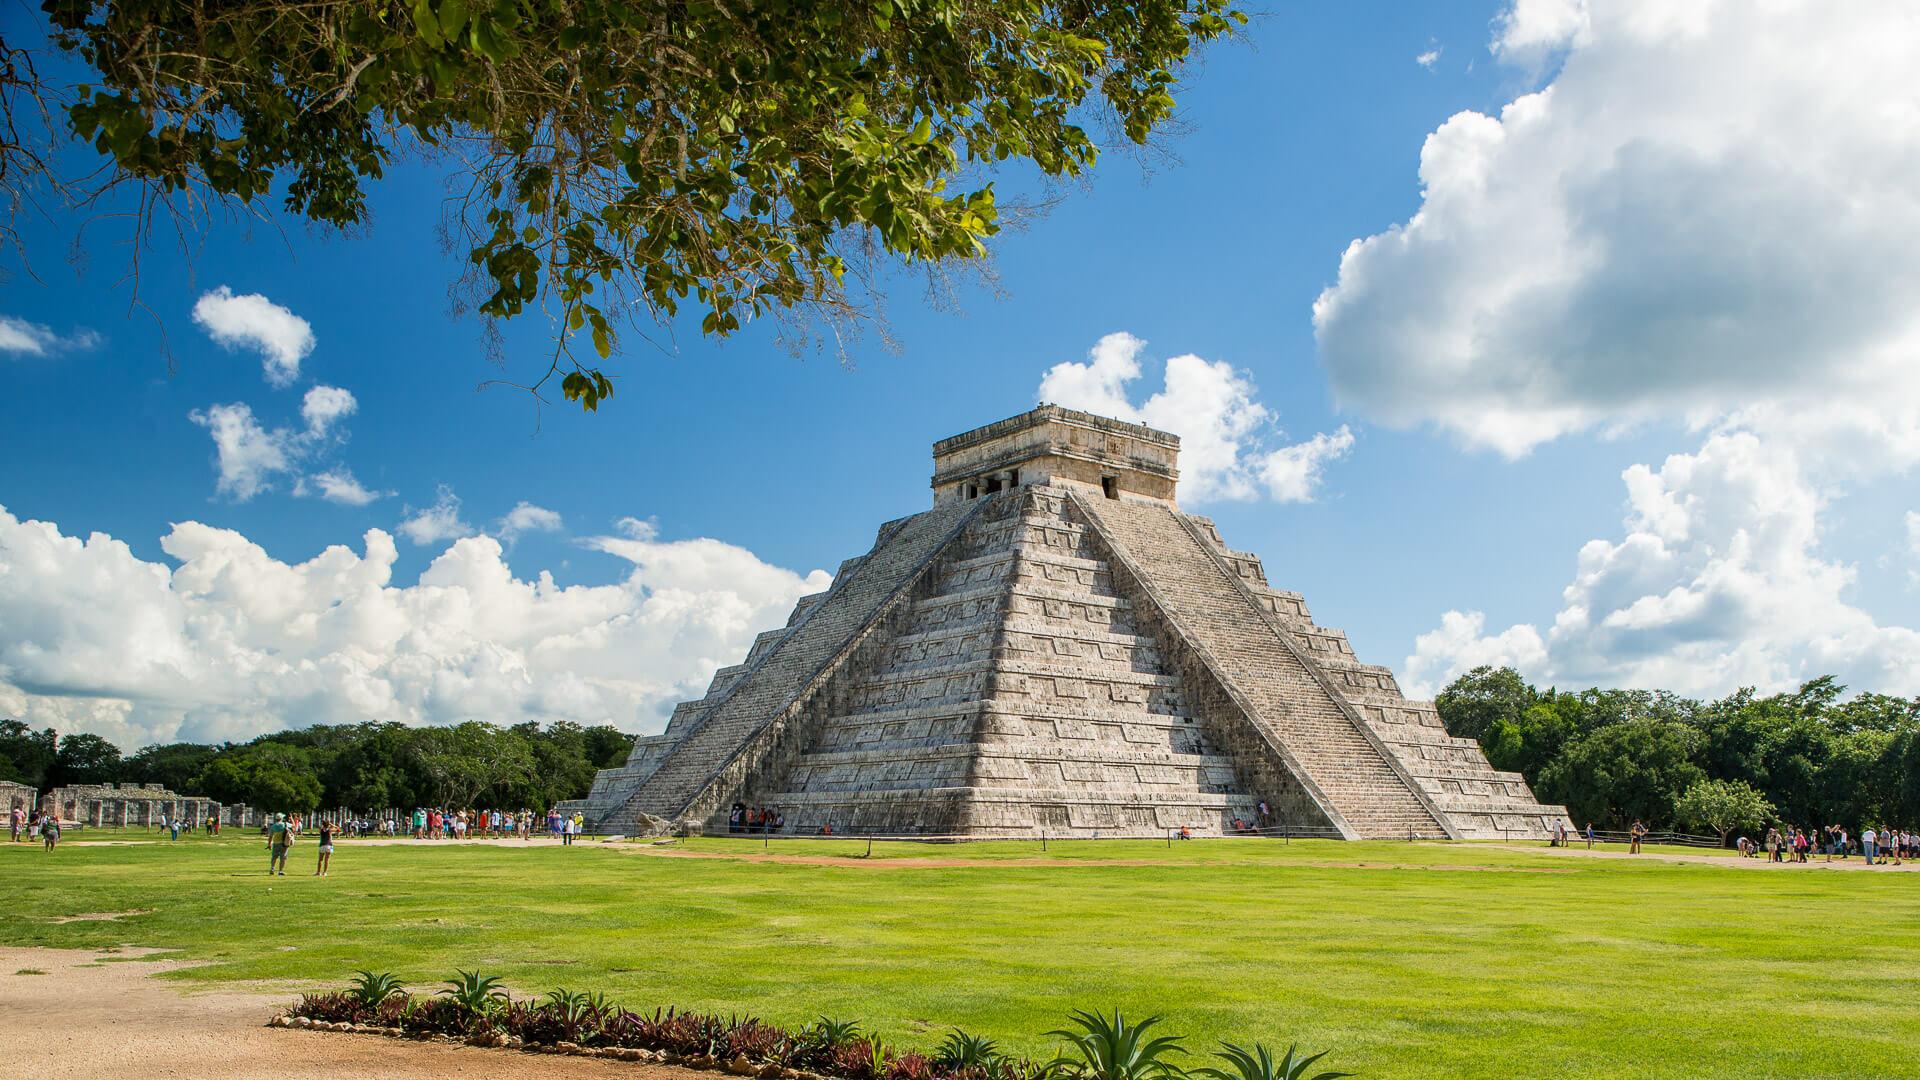 Chichen Itza Mayan ruins in the Yucatan Peninsula of Mexico